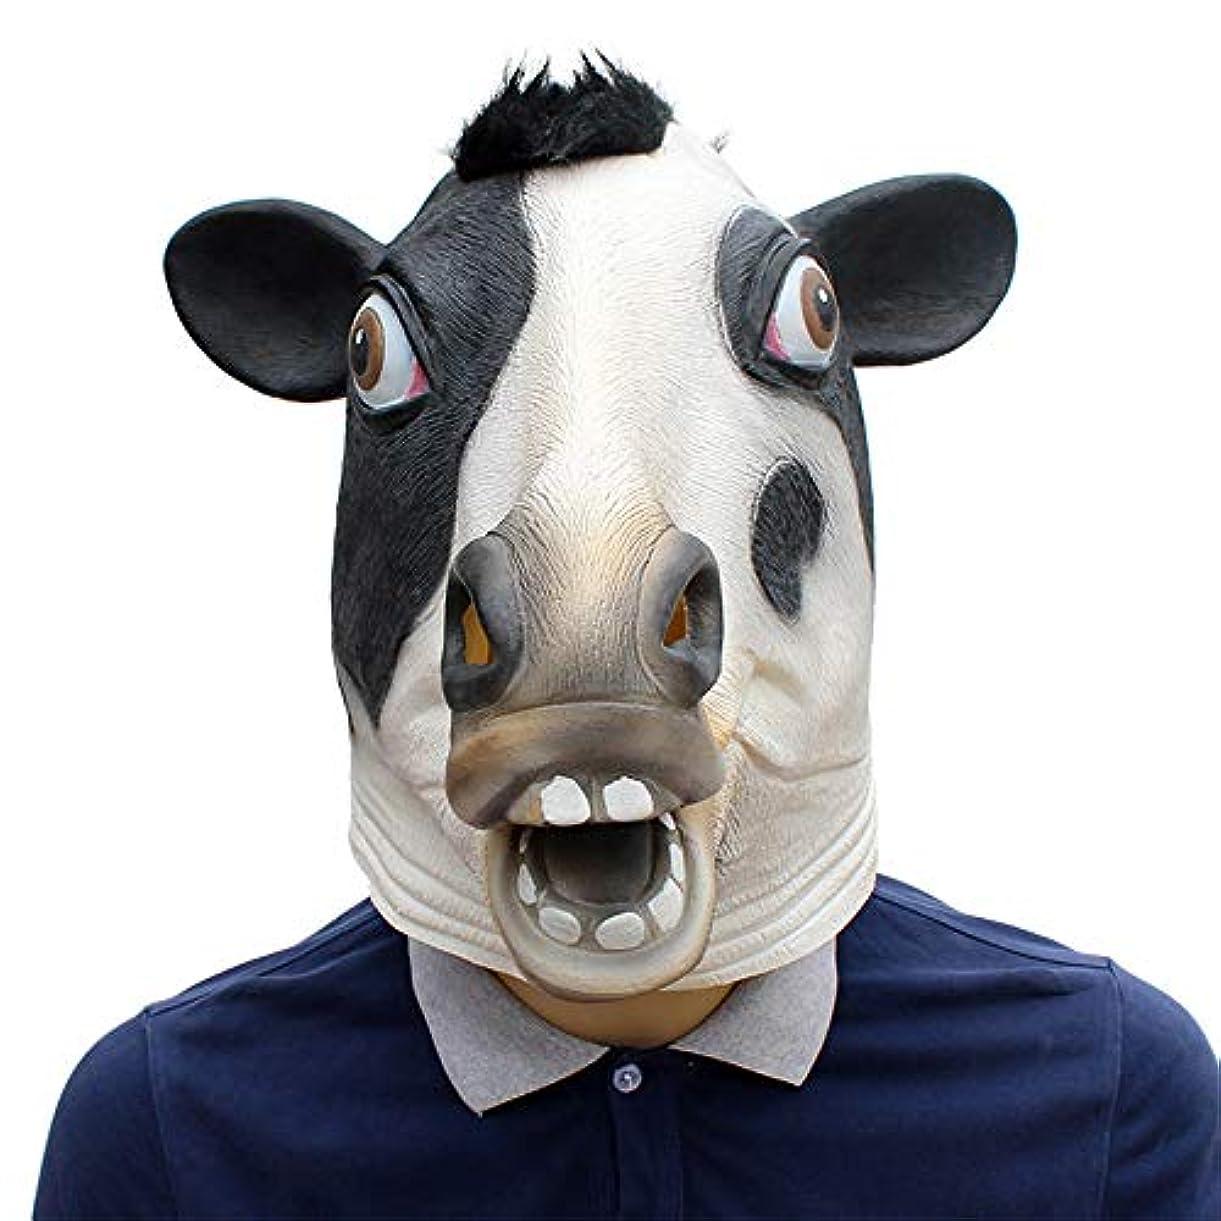 ボス自然公園滴下ヘッドギアハロウィンフェスティバルパーティー用品動物牛マスクヘッドギアラテックスマスクプロムの小道具に適したバーレスクパーティーギャングバー